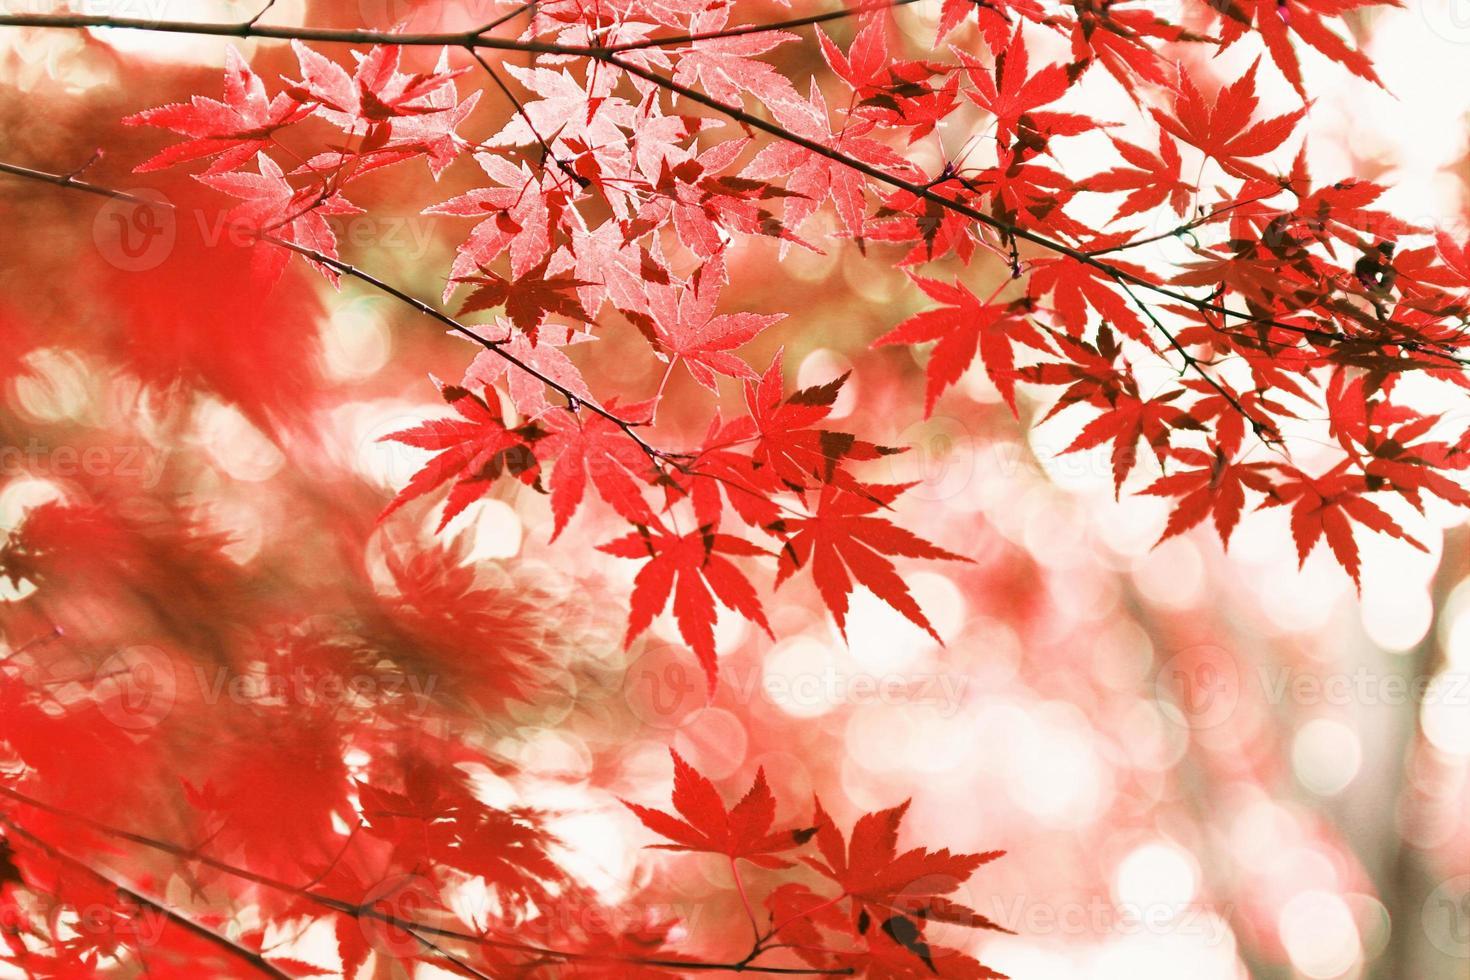 hojas de arce otoñal foto